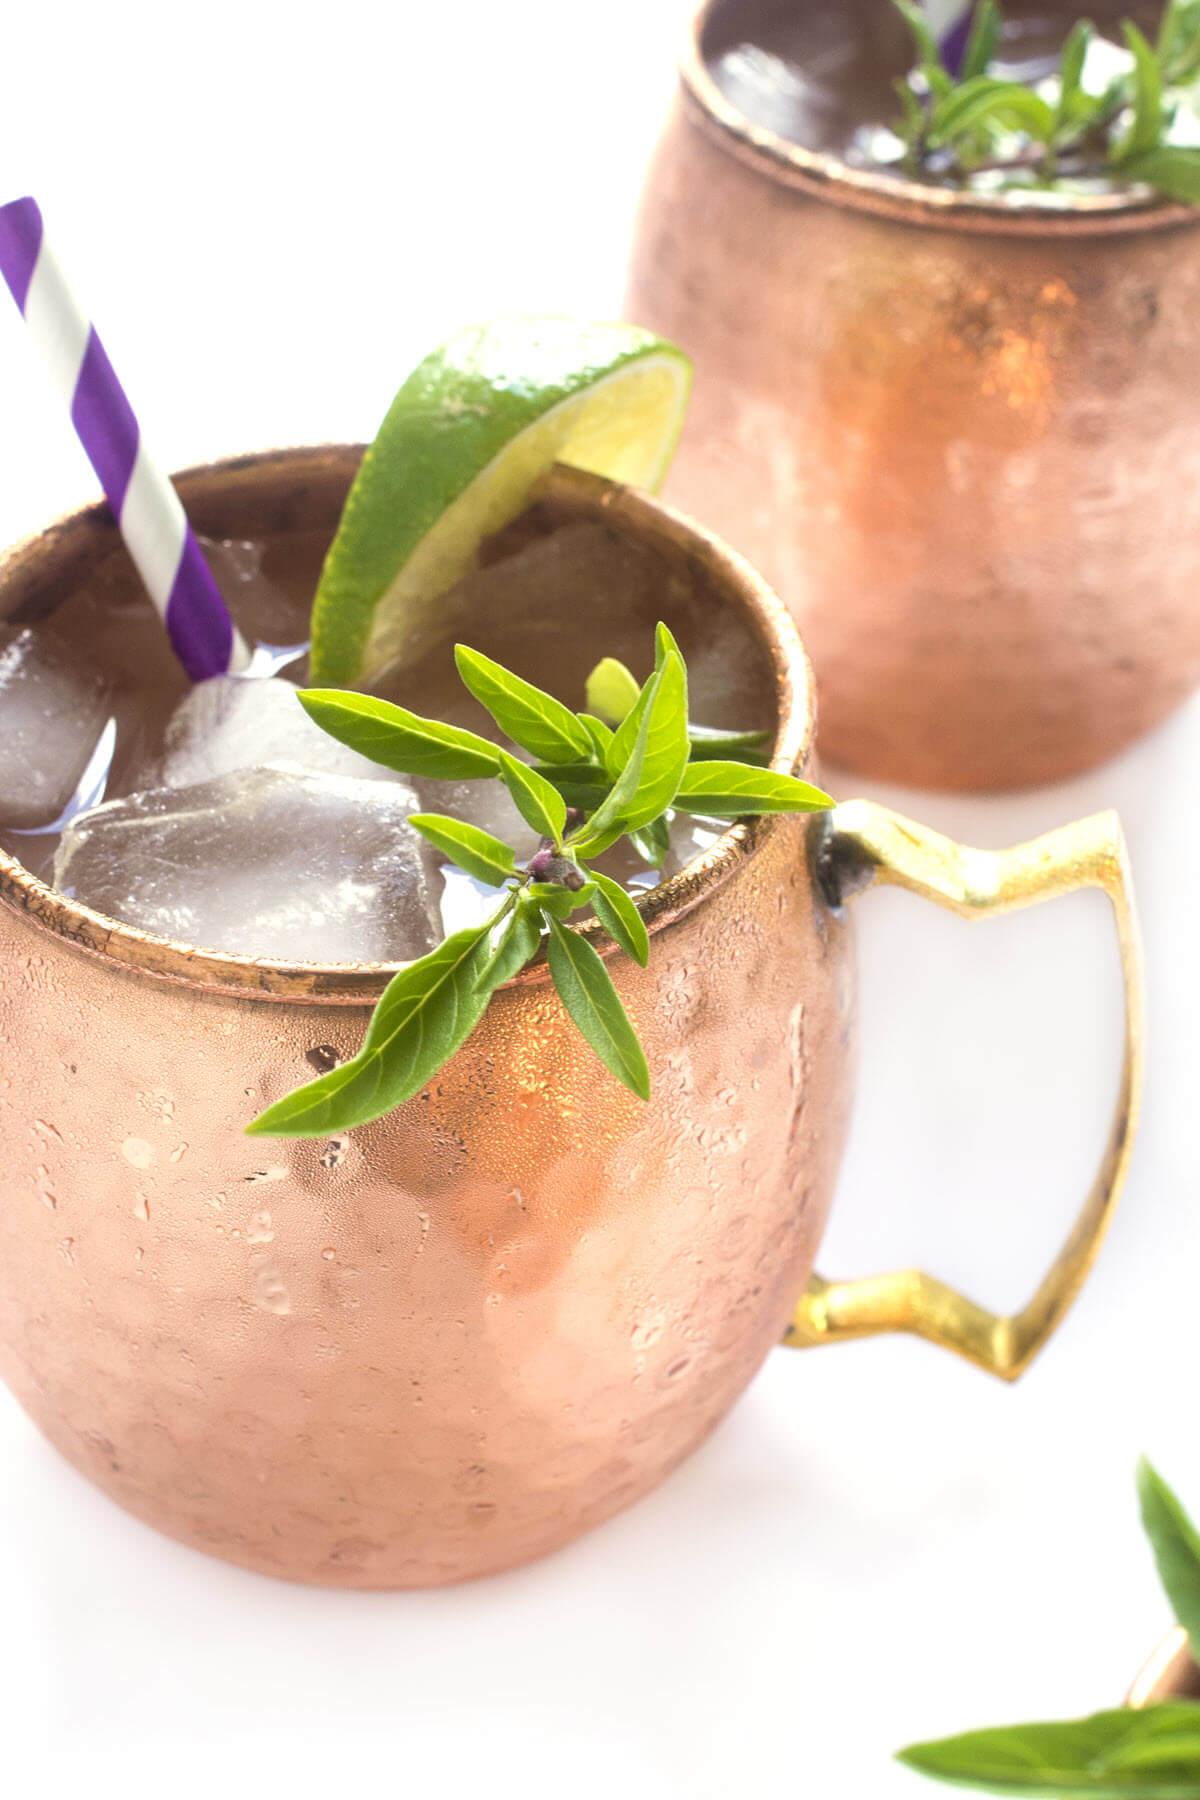 Tom Collins Drink In Copper Mug